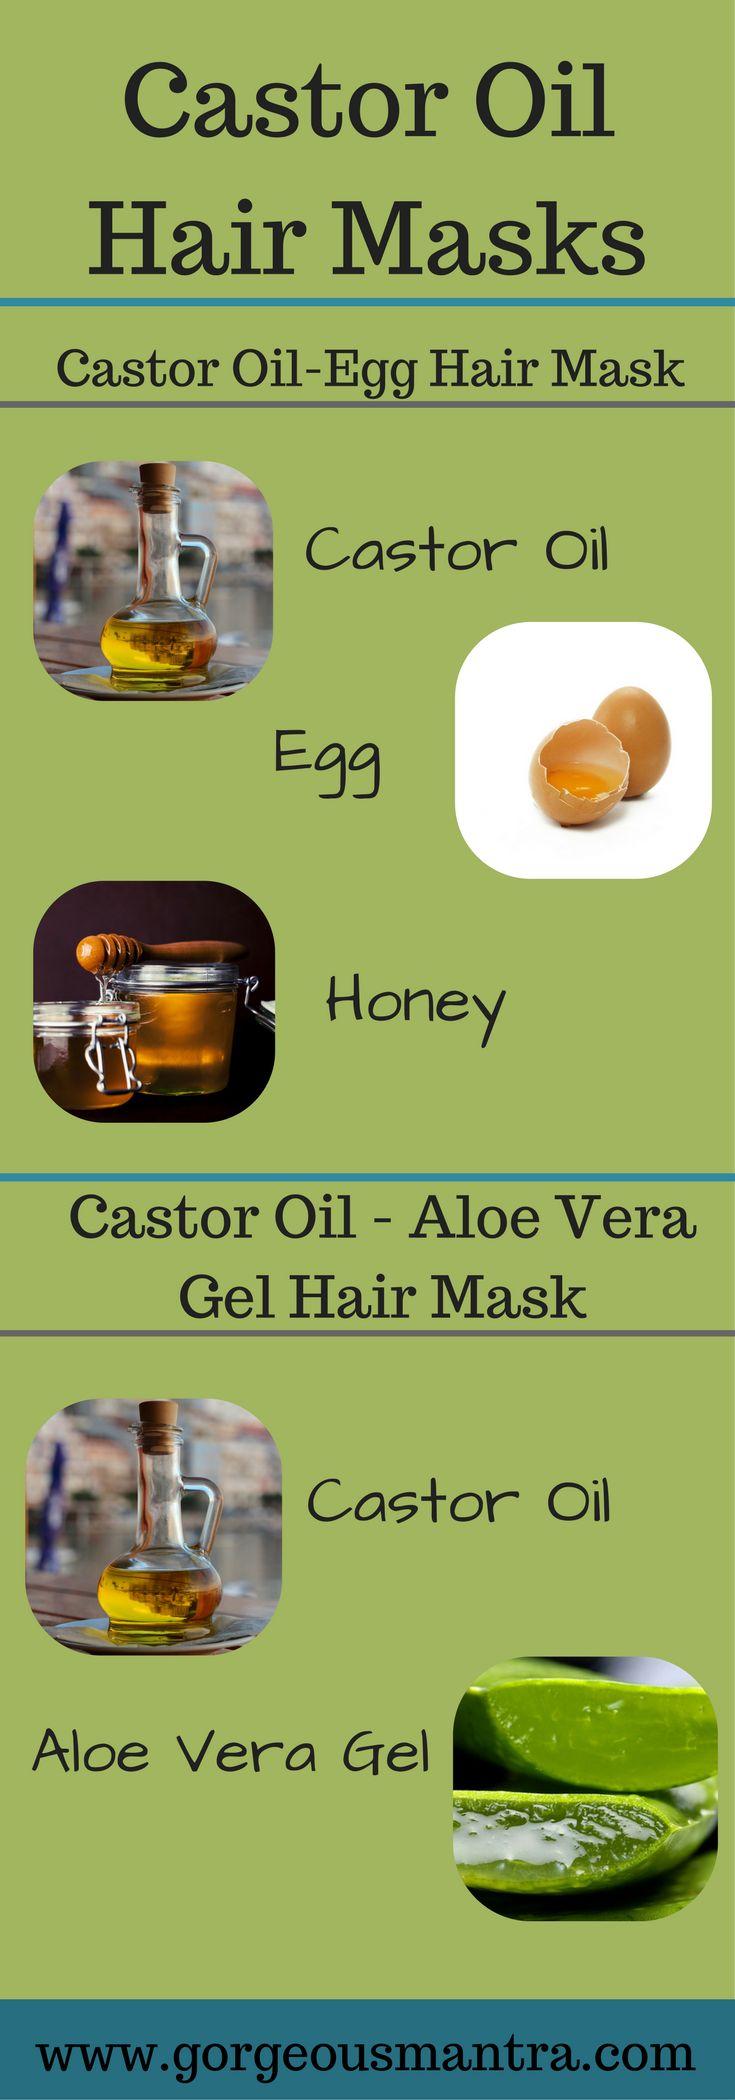 DIY Castor Oil Hair Masks for hair growth. Use these castor oil hair masks once a week for thicker, longer hair.